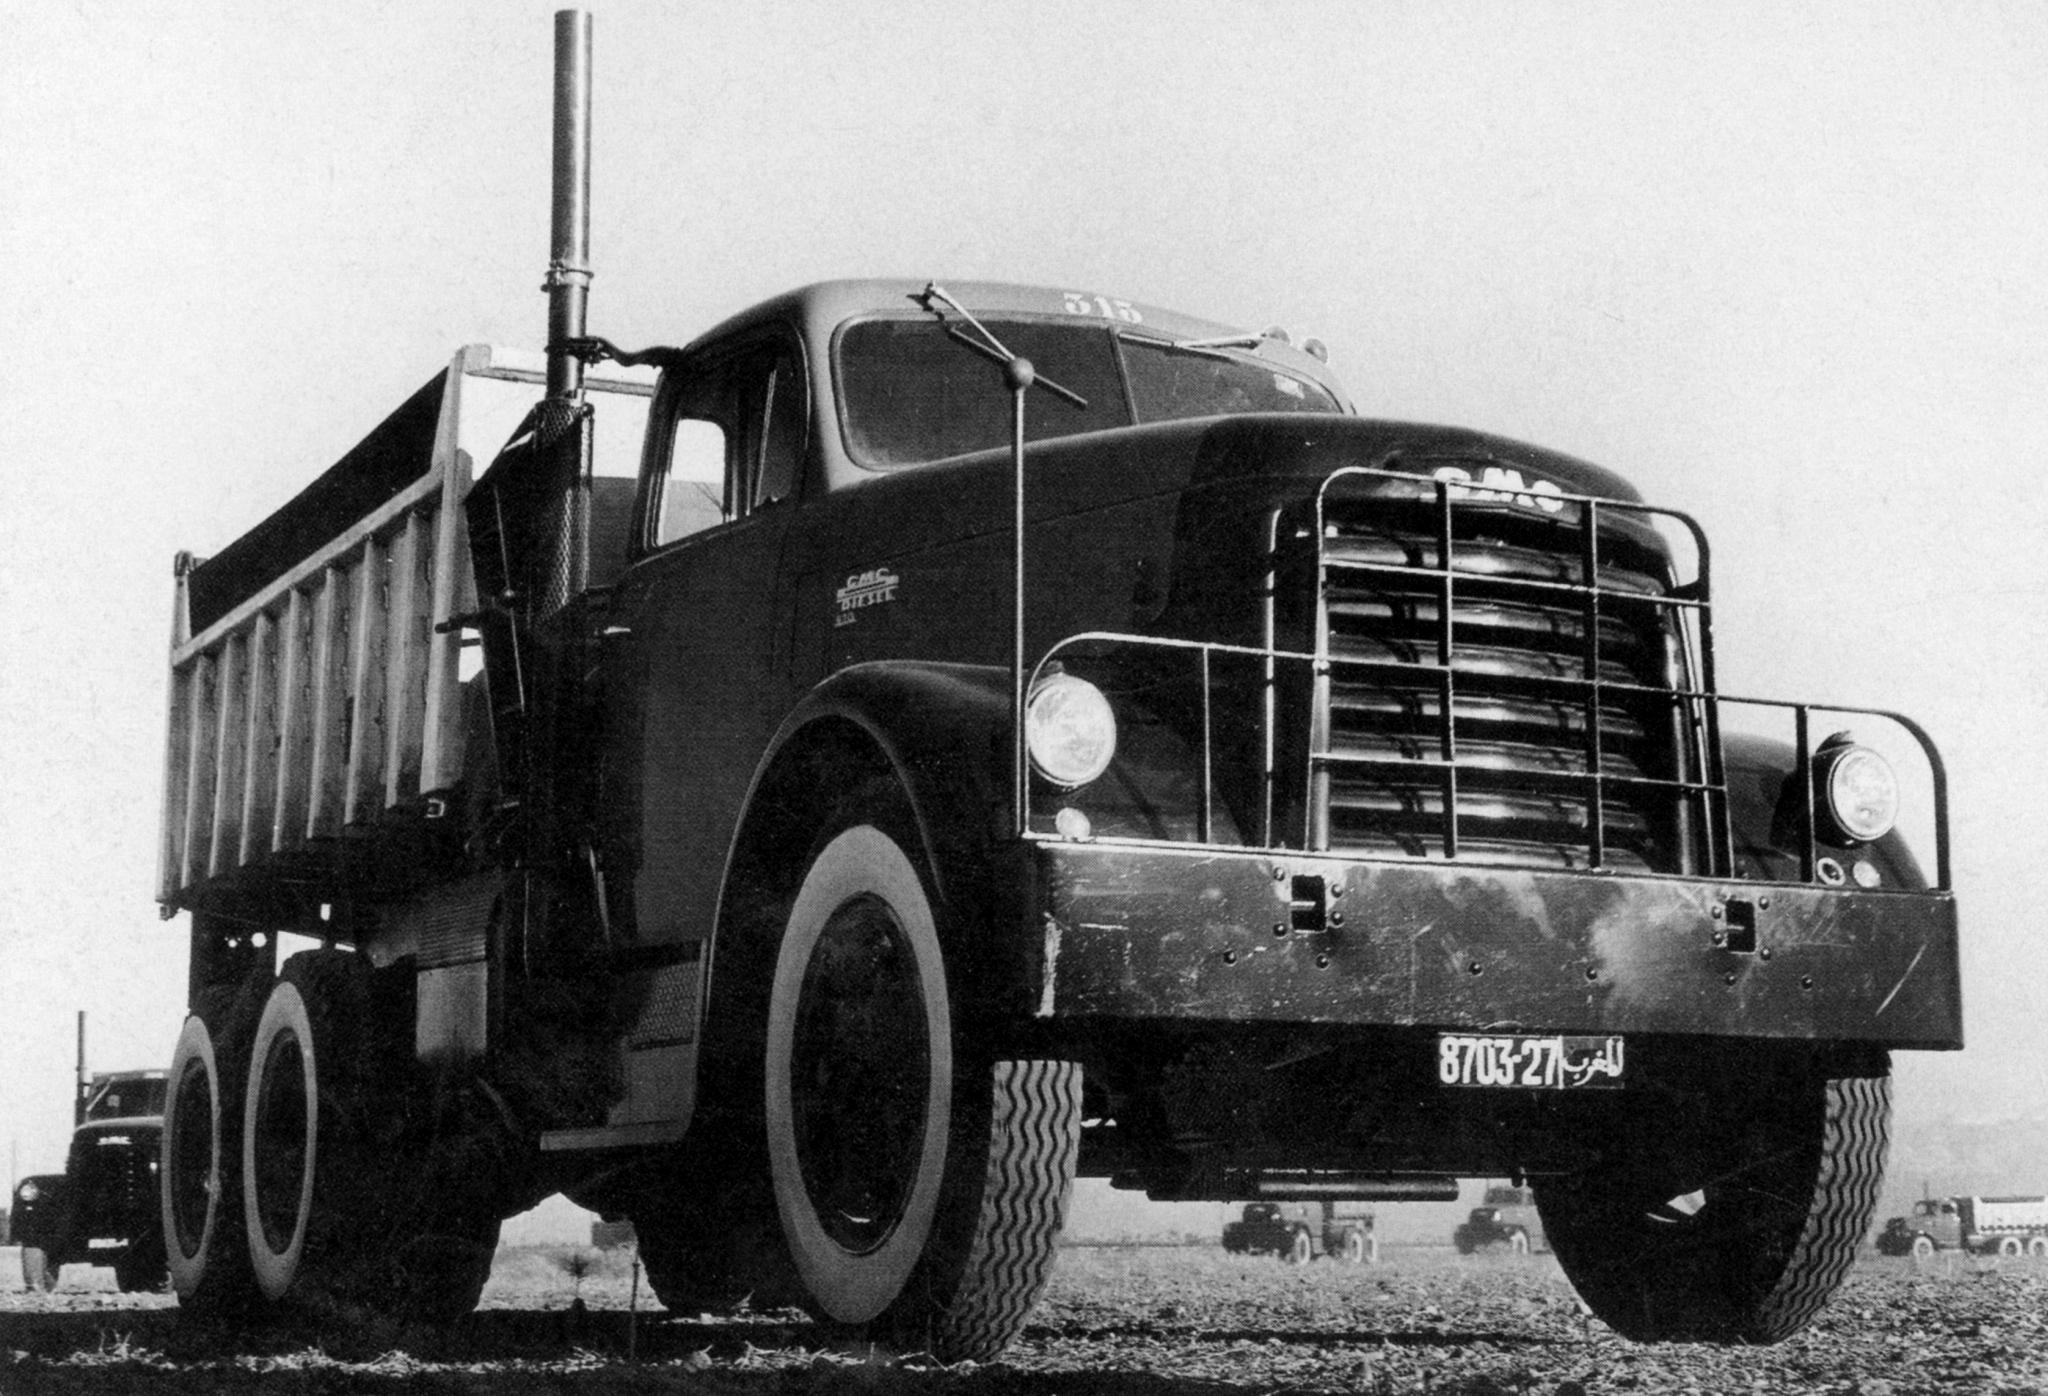 Transport Routier au Maroc - Histoire - Page 3 49889552907_4ce37b4c74_o_d